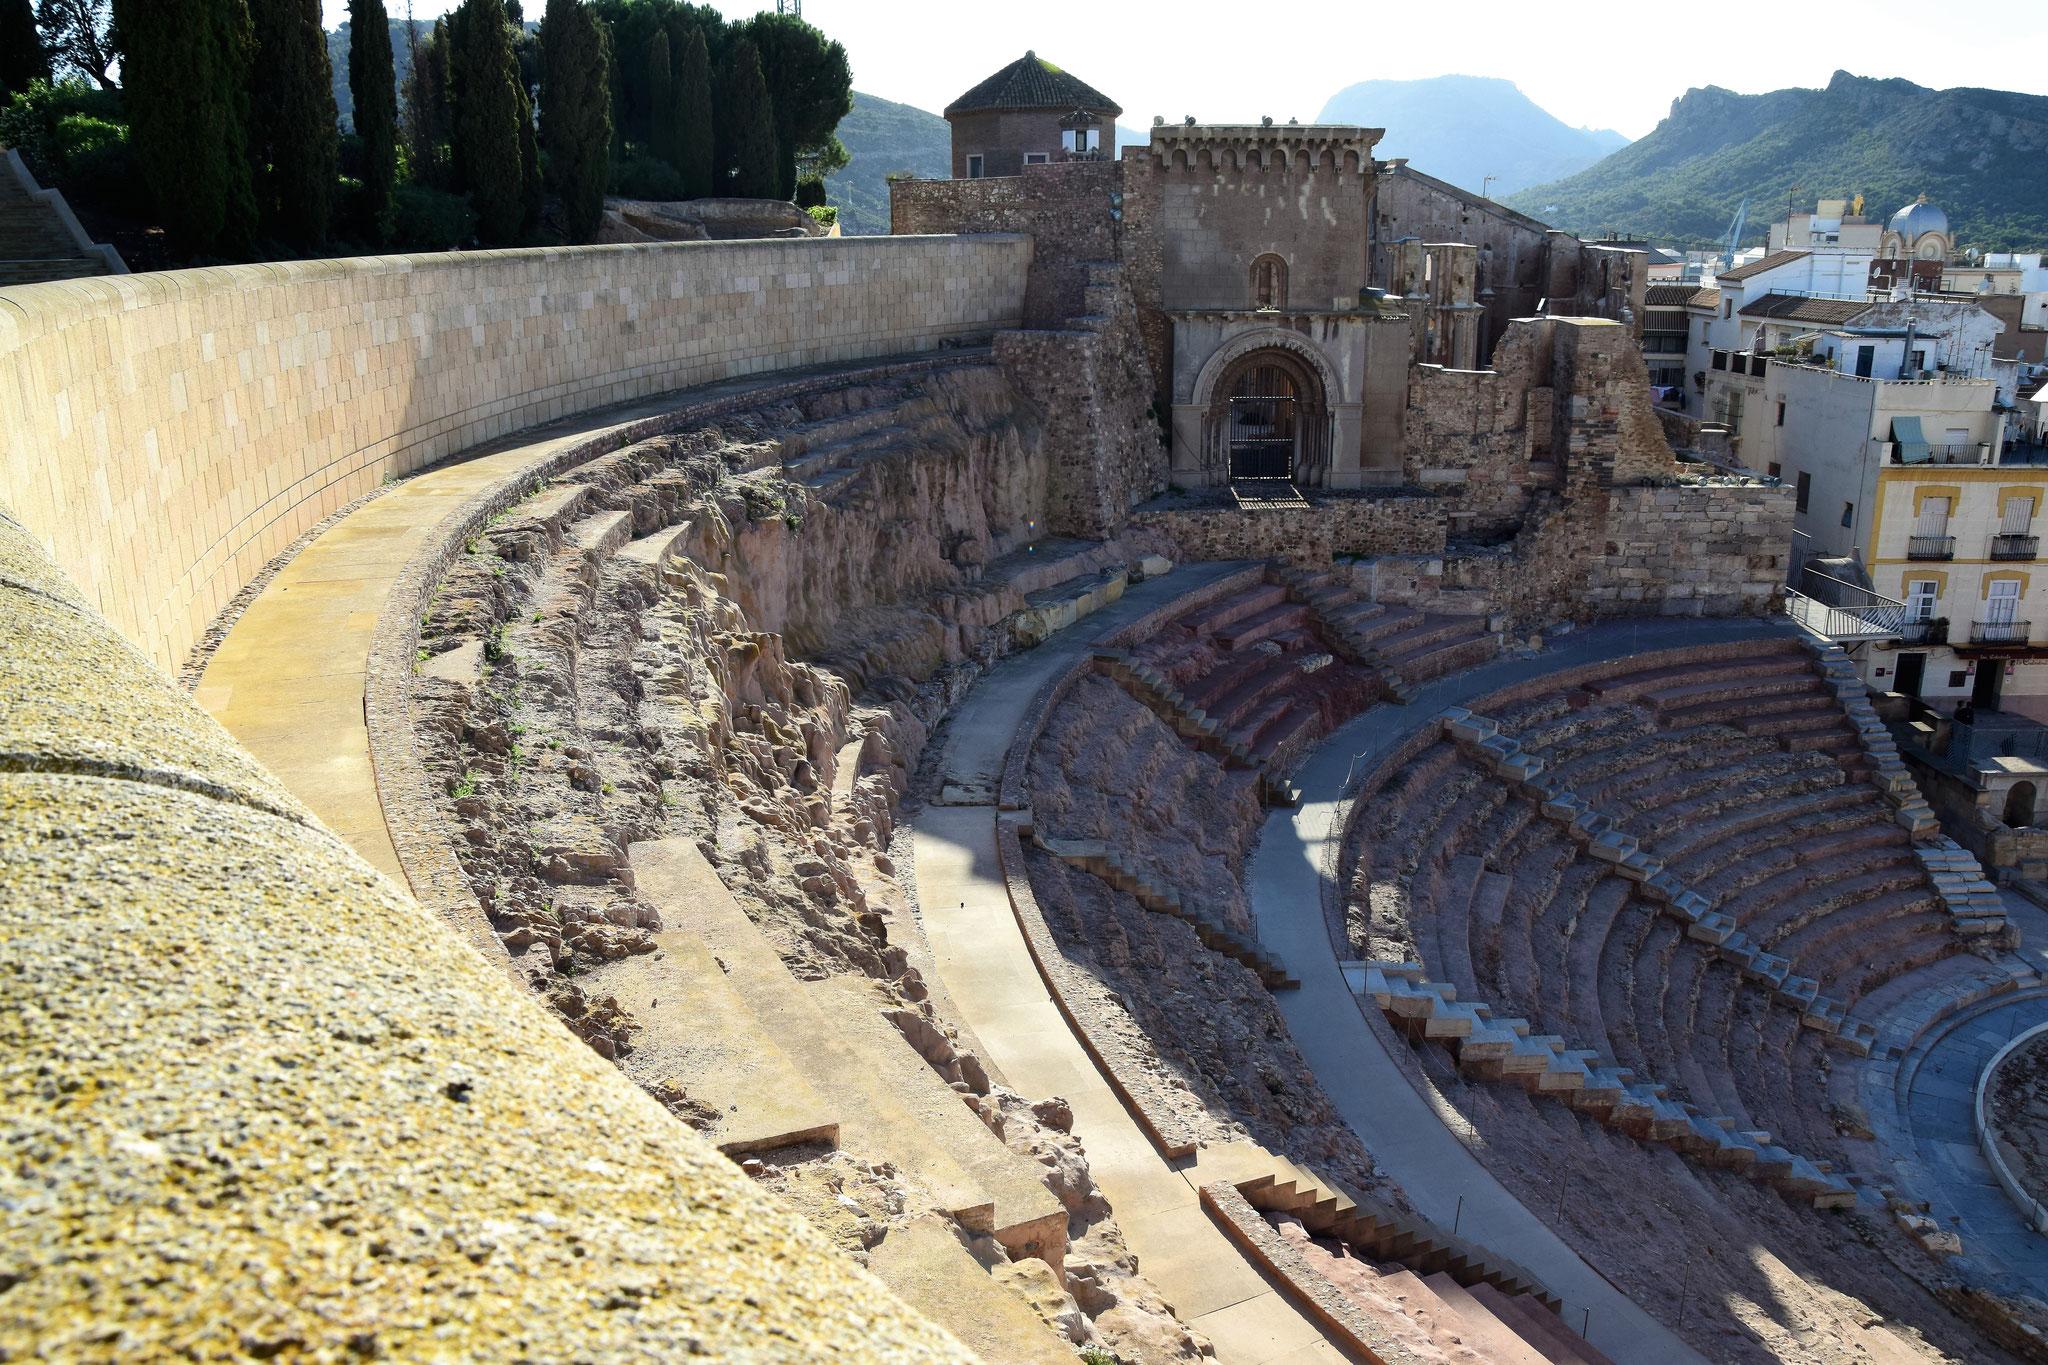 Teatro Romano, erbaut zwischen 5.-1. Jahrhundert v.Chr., erst 1987 entdeckt